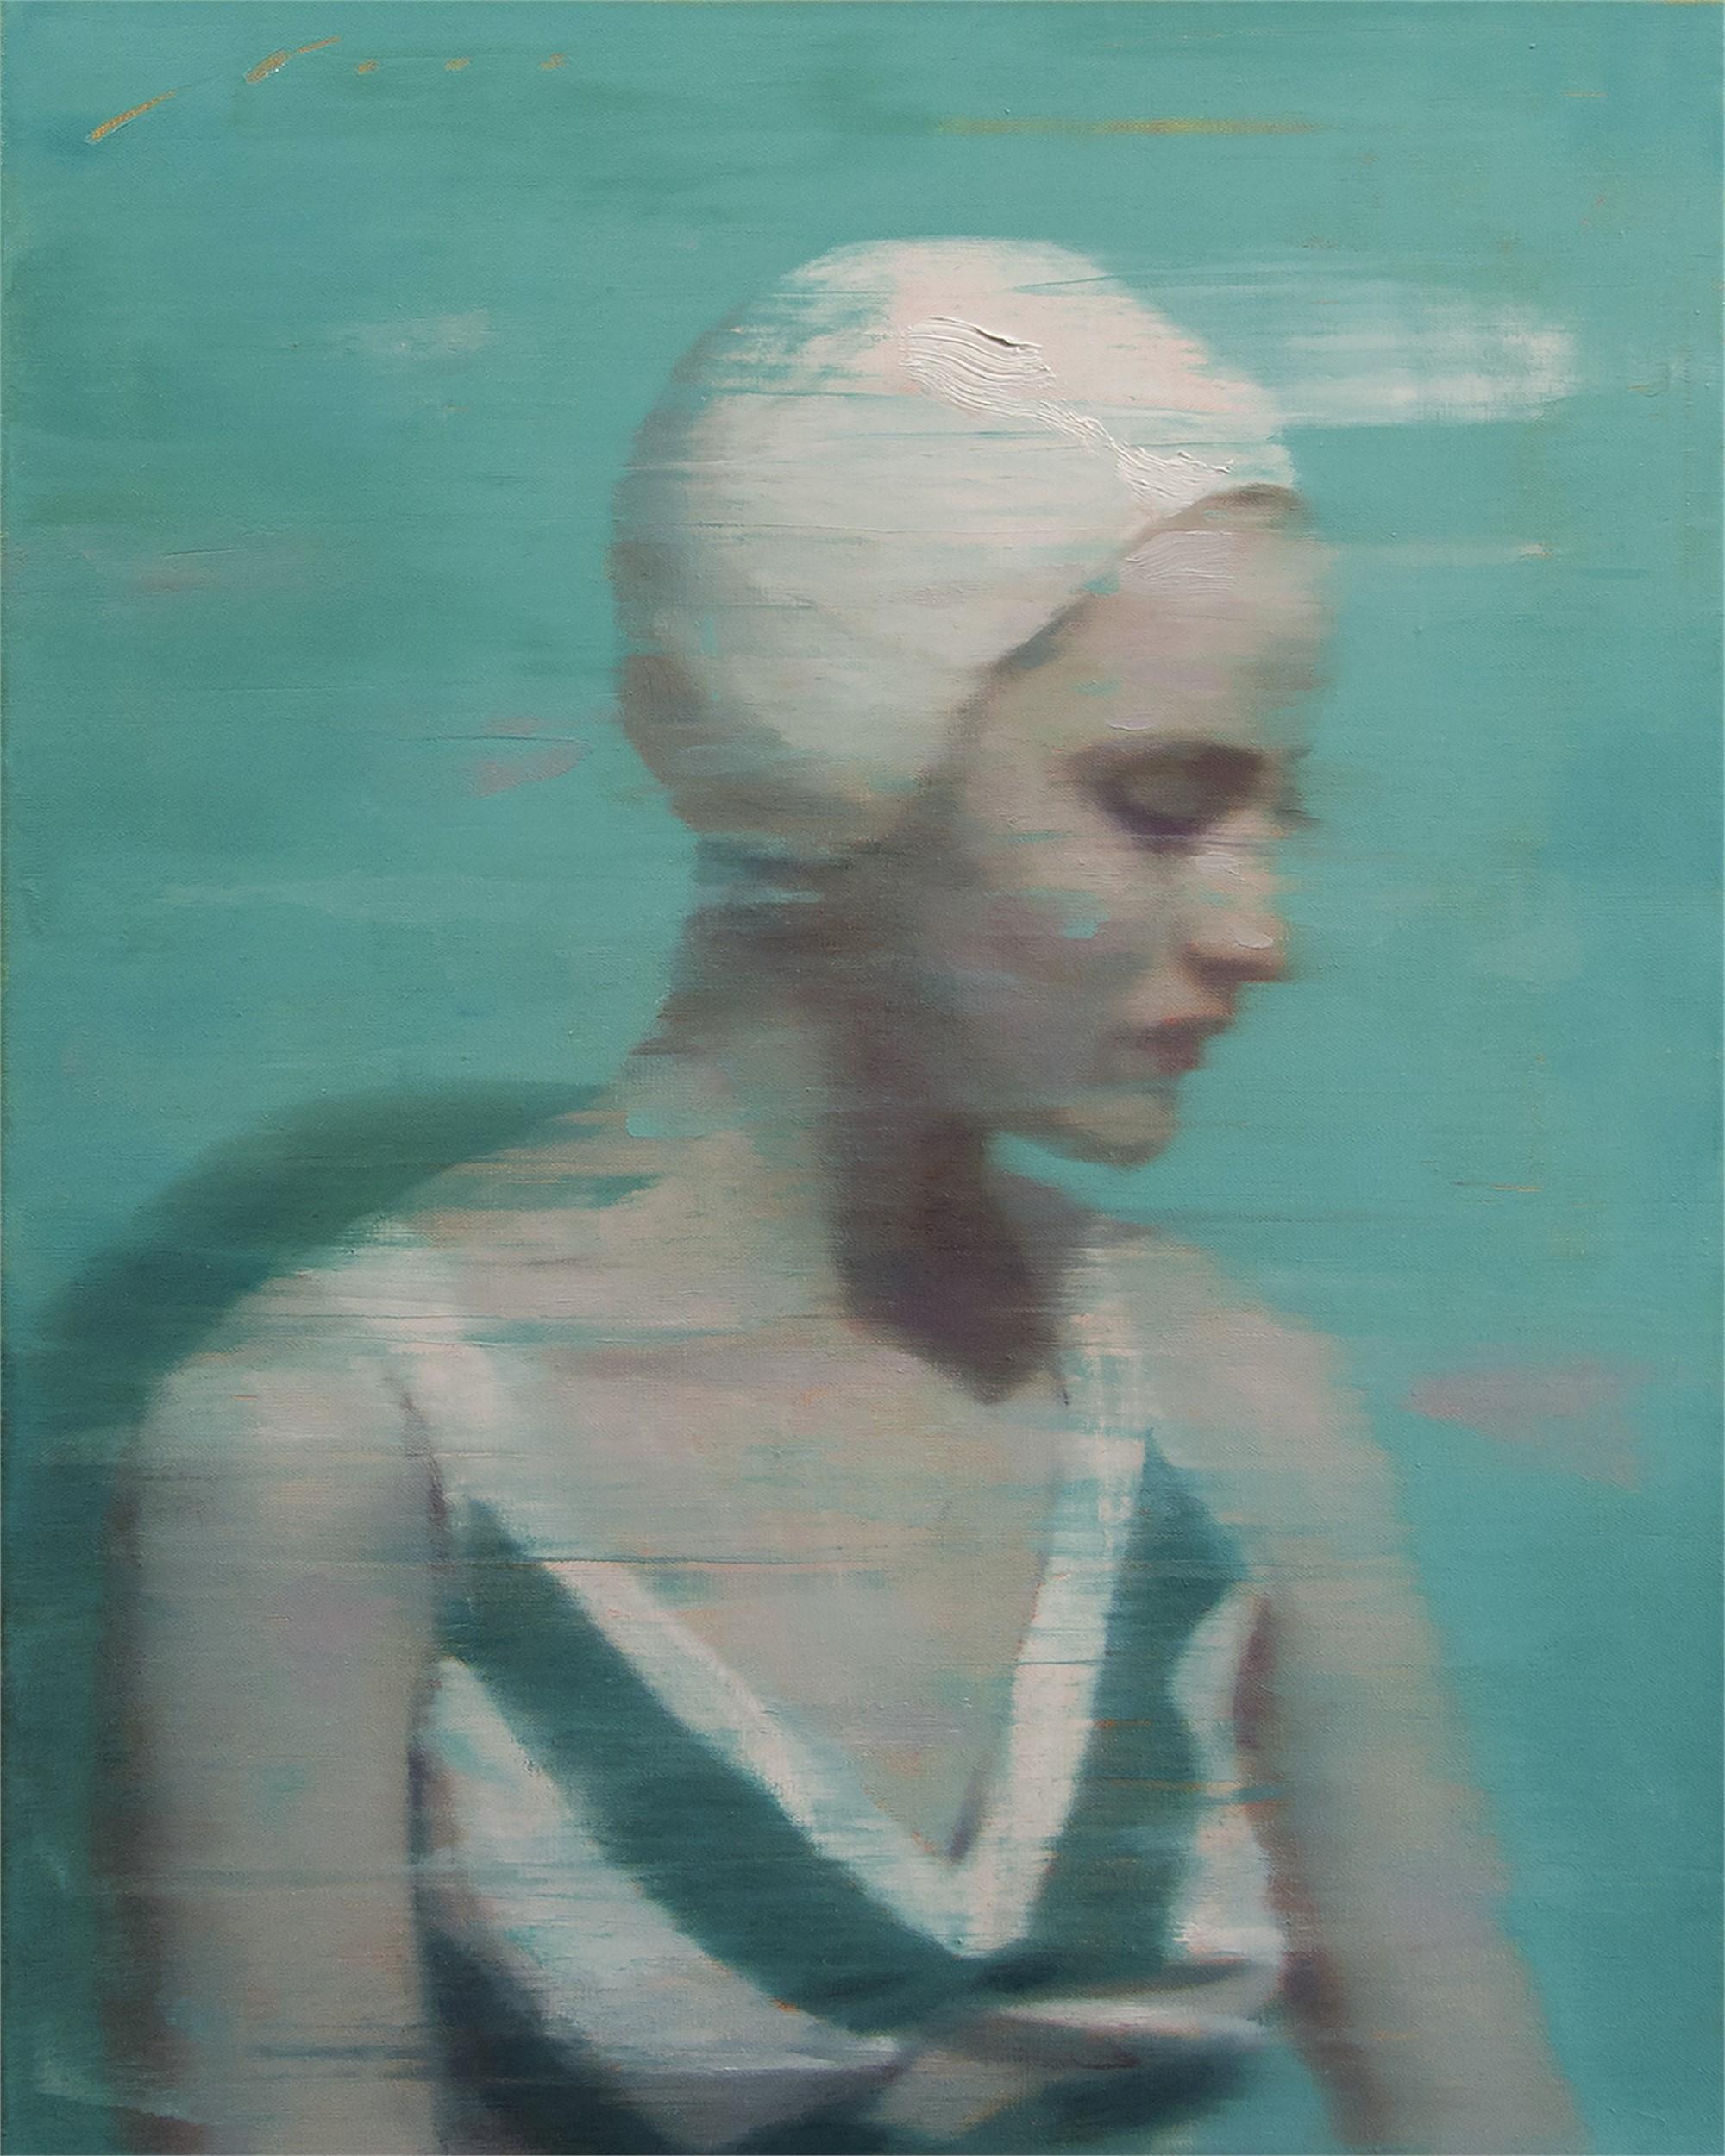 Acqua by Vincent Xeus